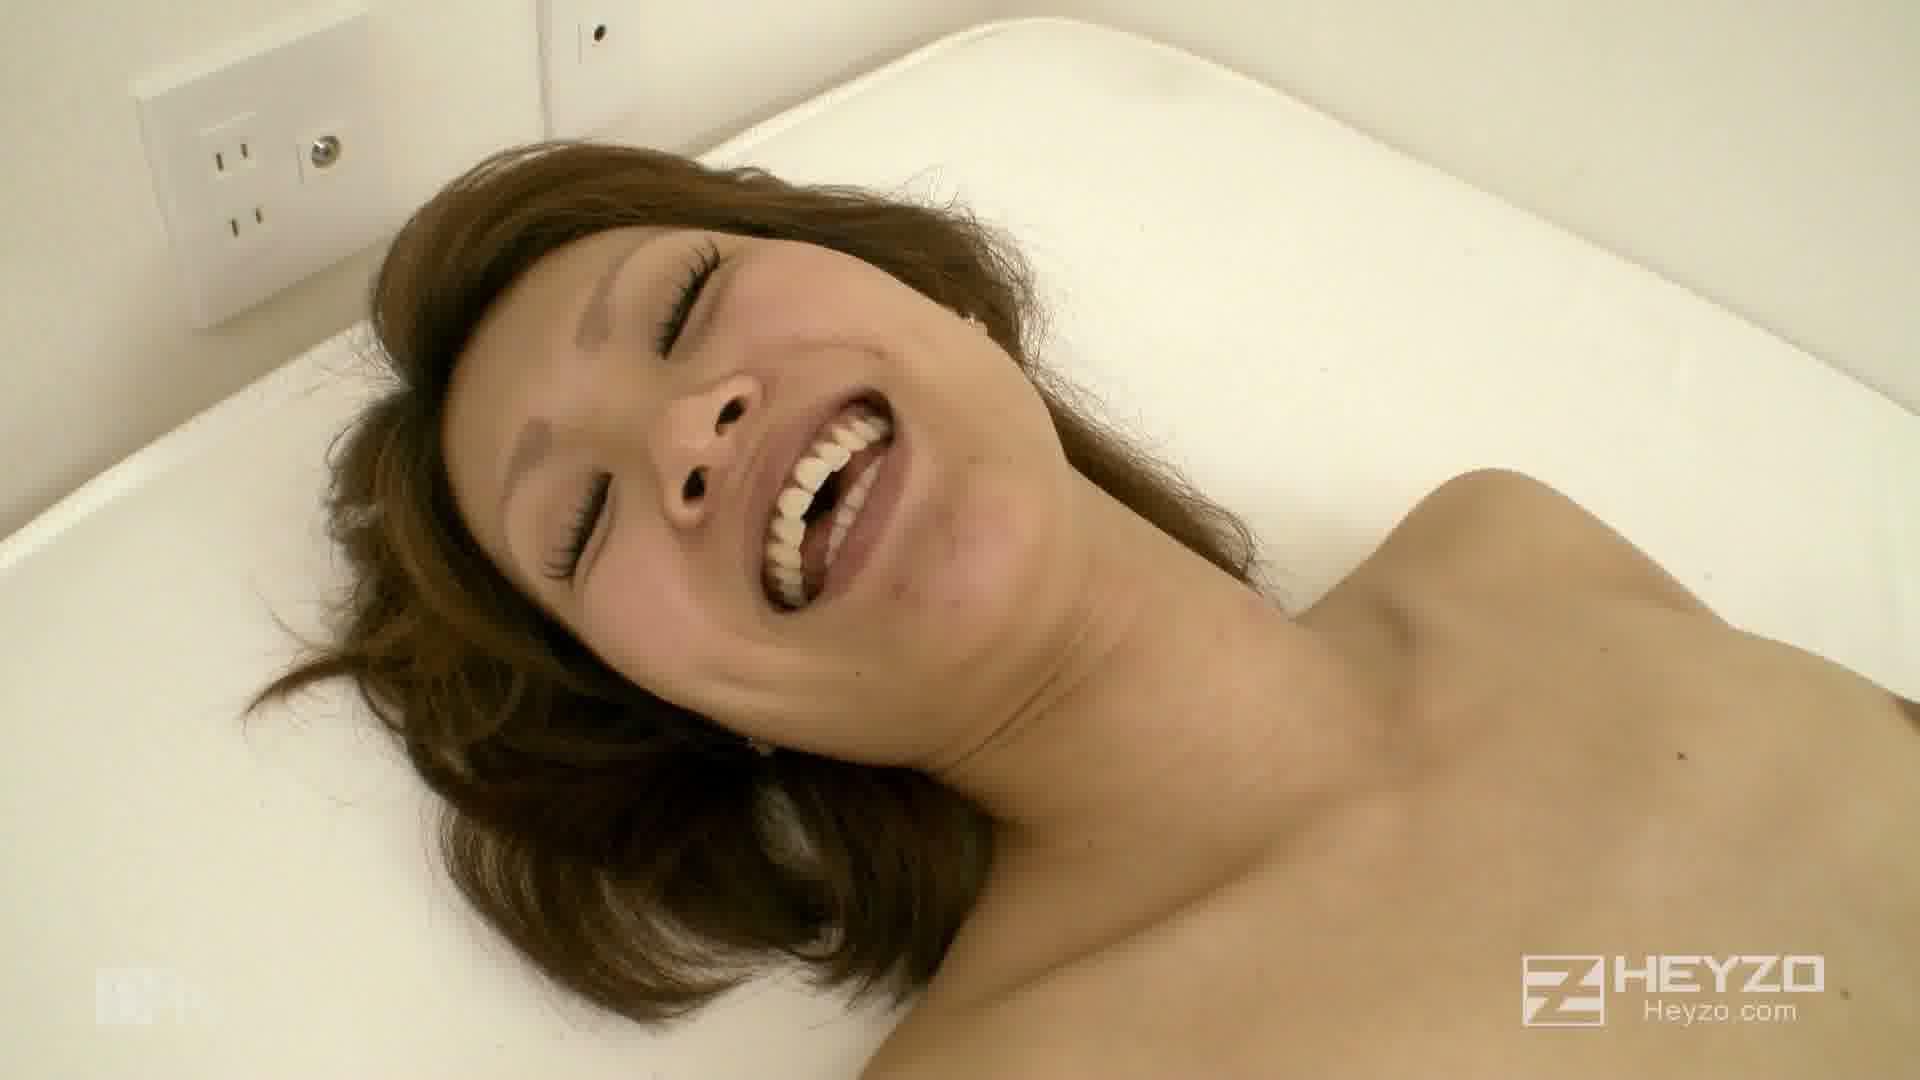 セフレ紹介所Vol.6~欲張り娘の底なし性欲~ - 沢田ゆかり【正常位 バック 側位 騎乗位 中出し】